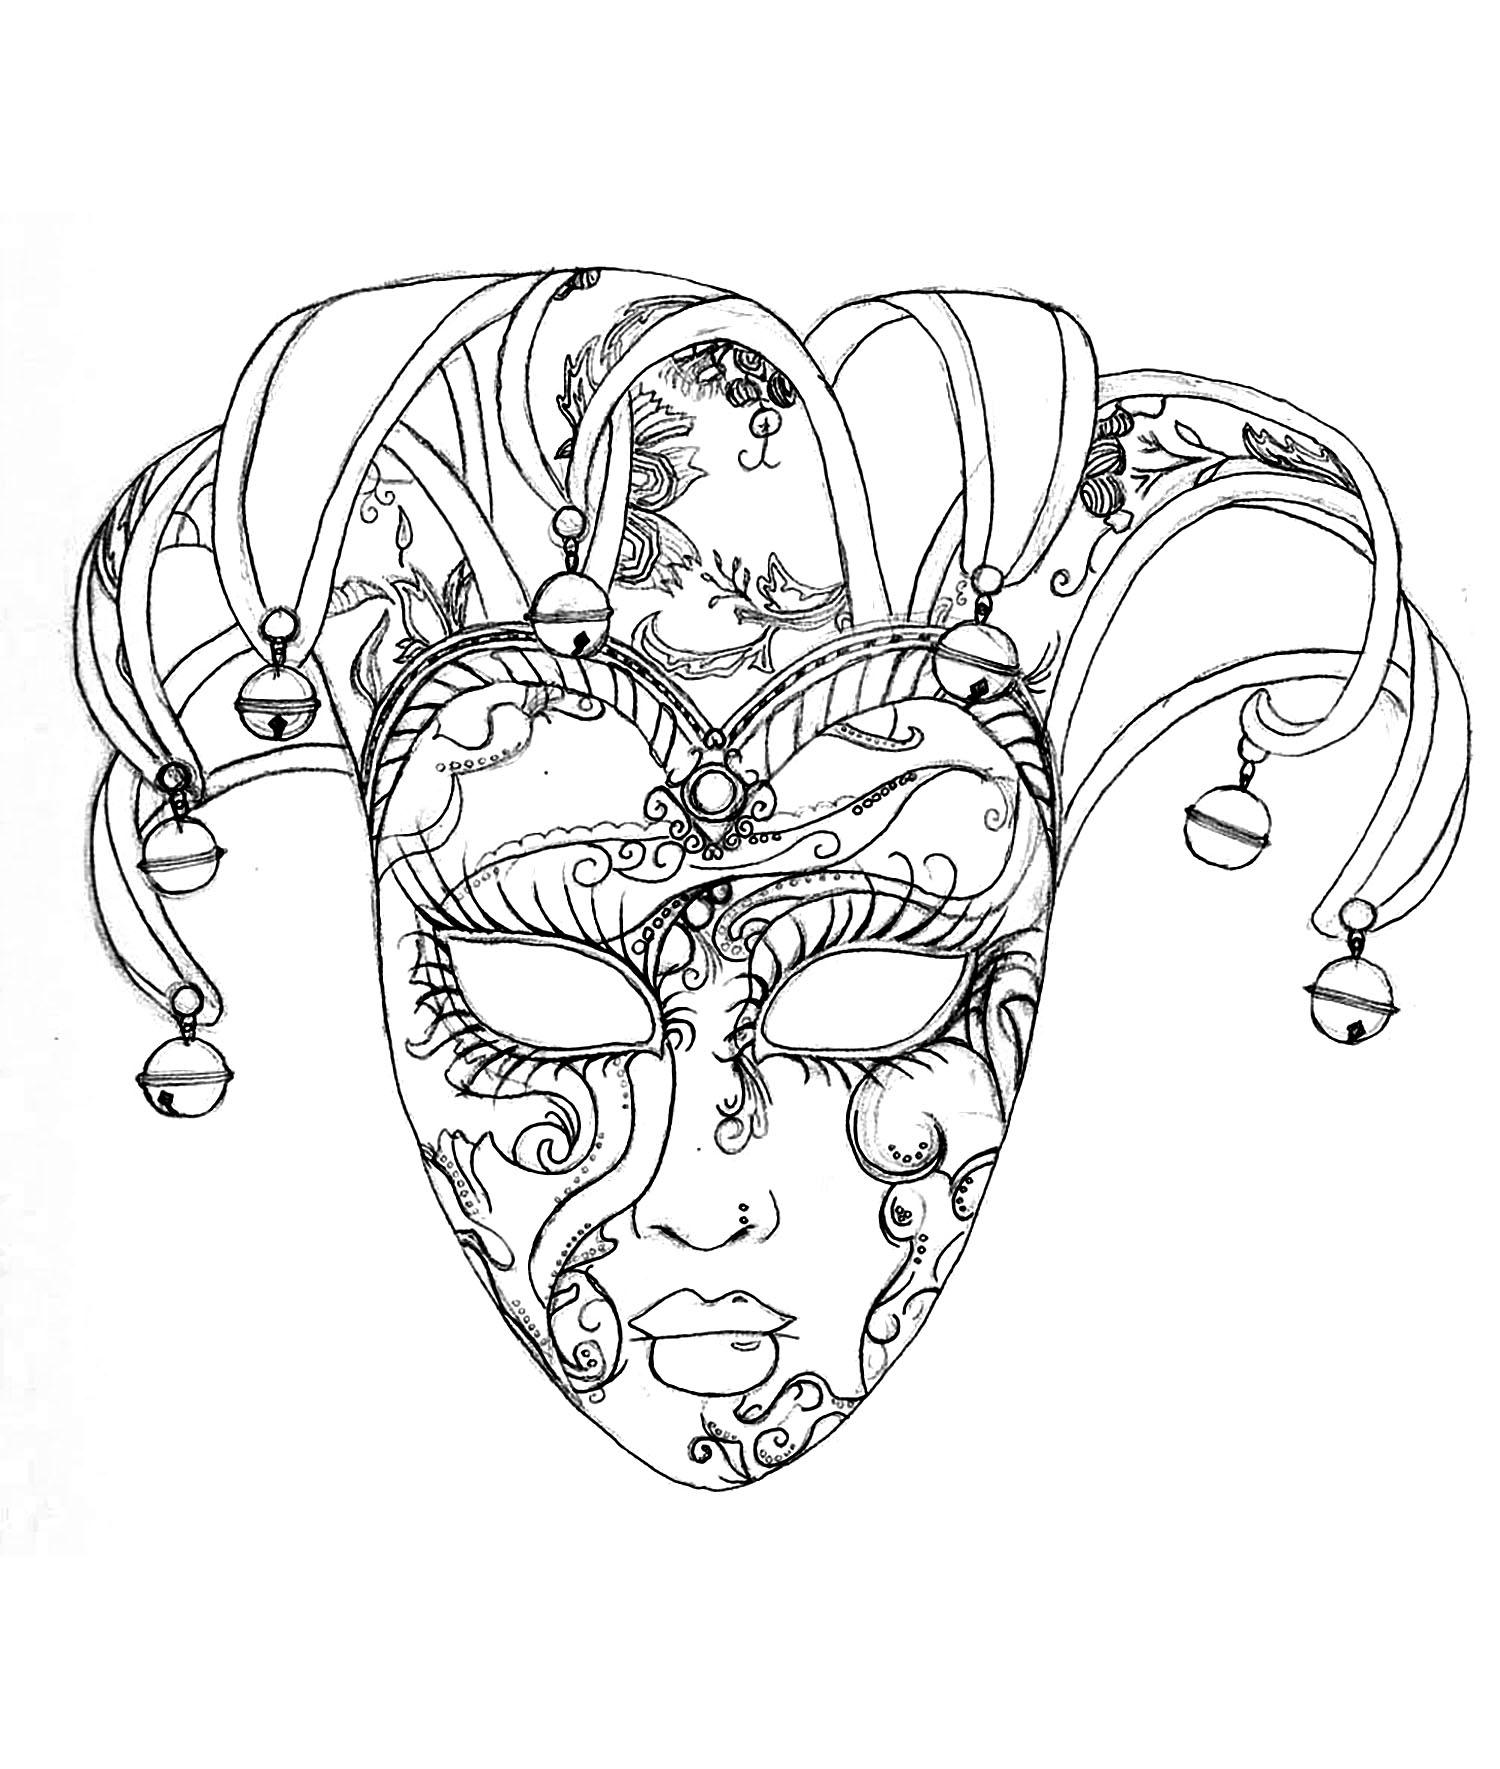 Masque du carnaval de venise f tes coloriages - Dessin de masque africain ...